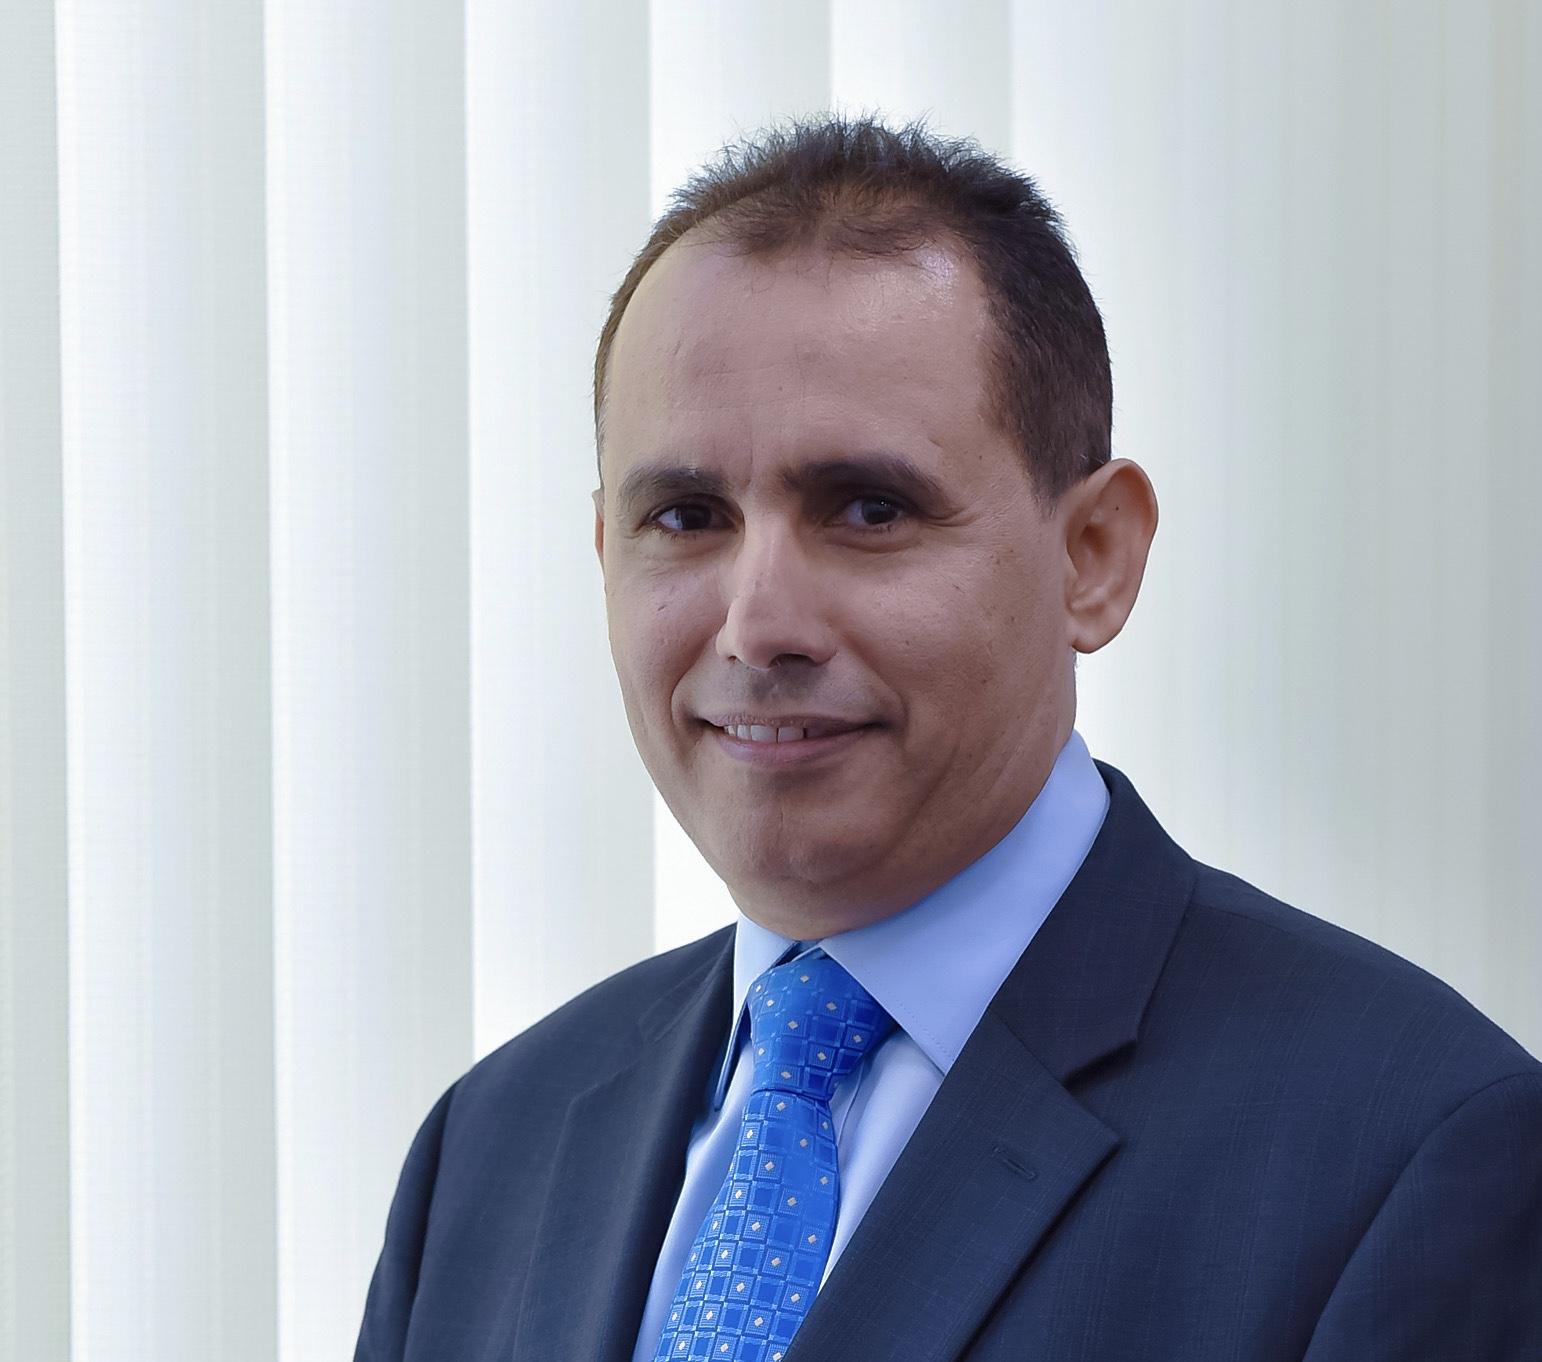 Dr. Wael Yousef